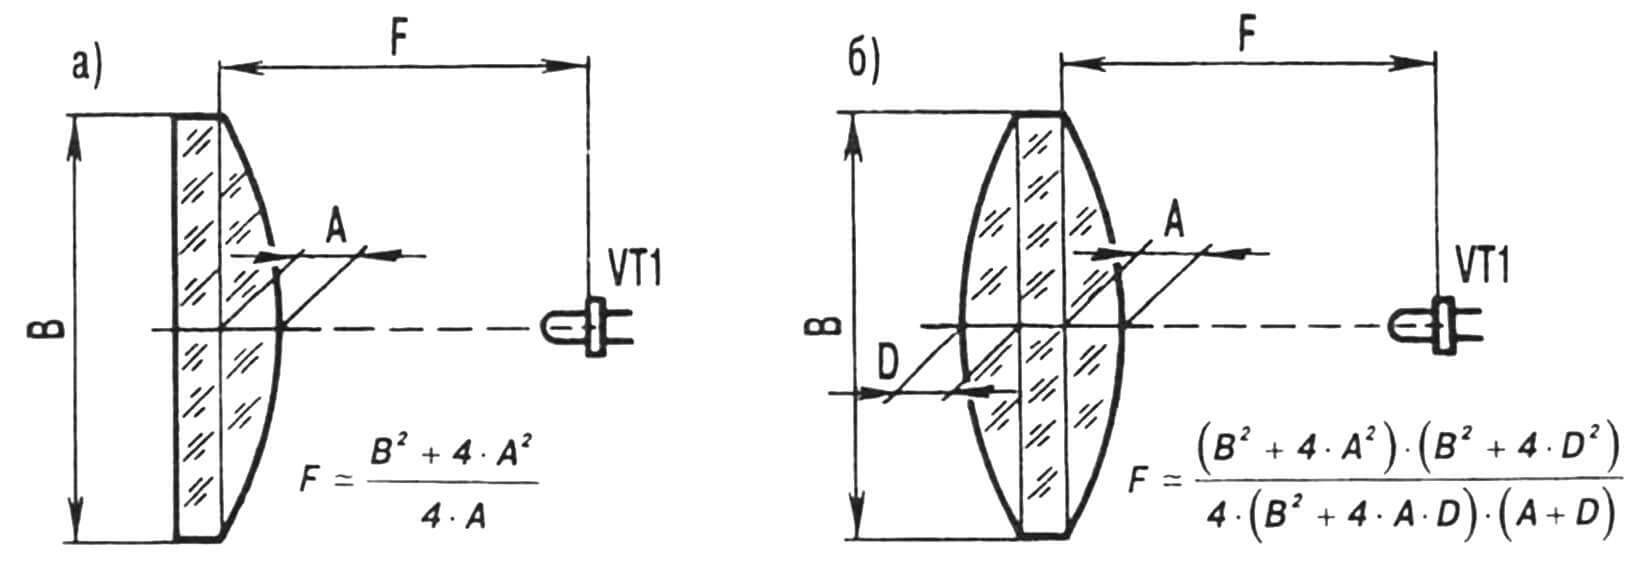 Рис. 4. Основные параметры плосковыпуклой (а) и двояковыпуклой (б) линз.